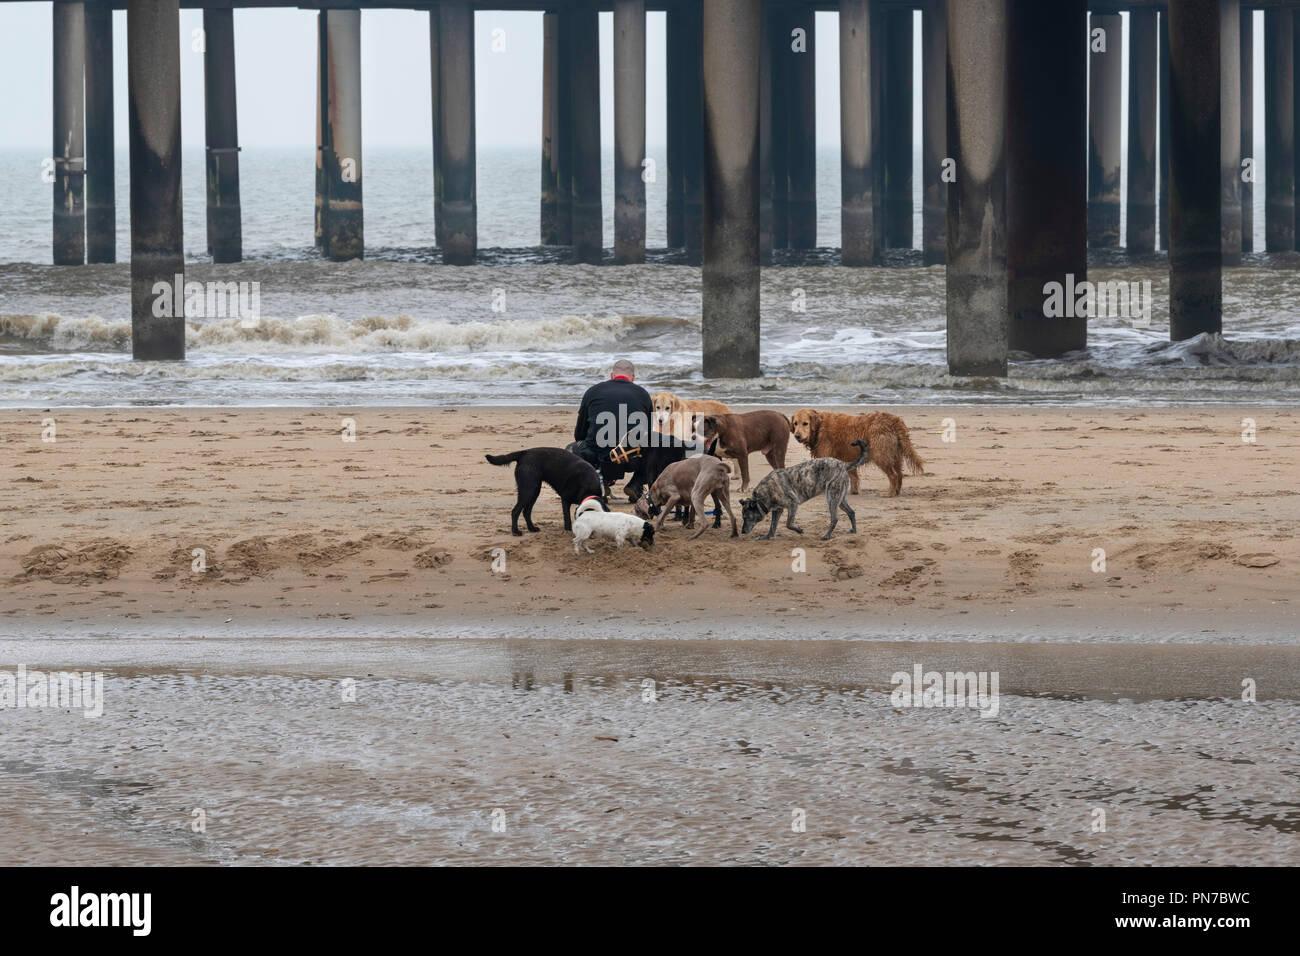 Scheveningen, The Hague, Netherlands, April 04 2018 - Professional Dog, canine, trainer - t Scheveningen  Professioneller Hundewanderer und Trainer - Stock Image